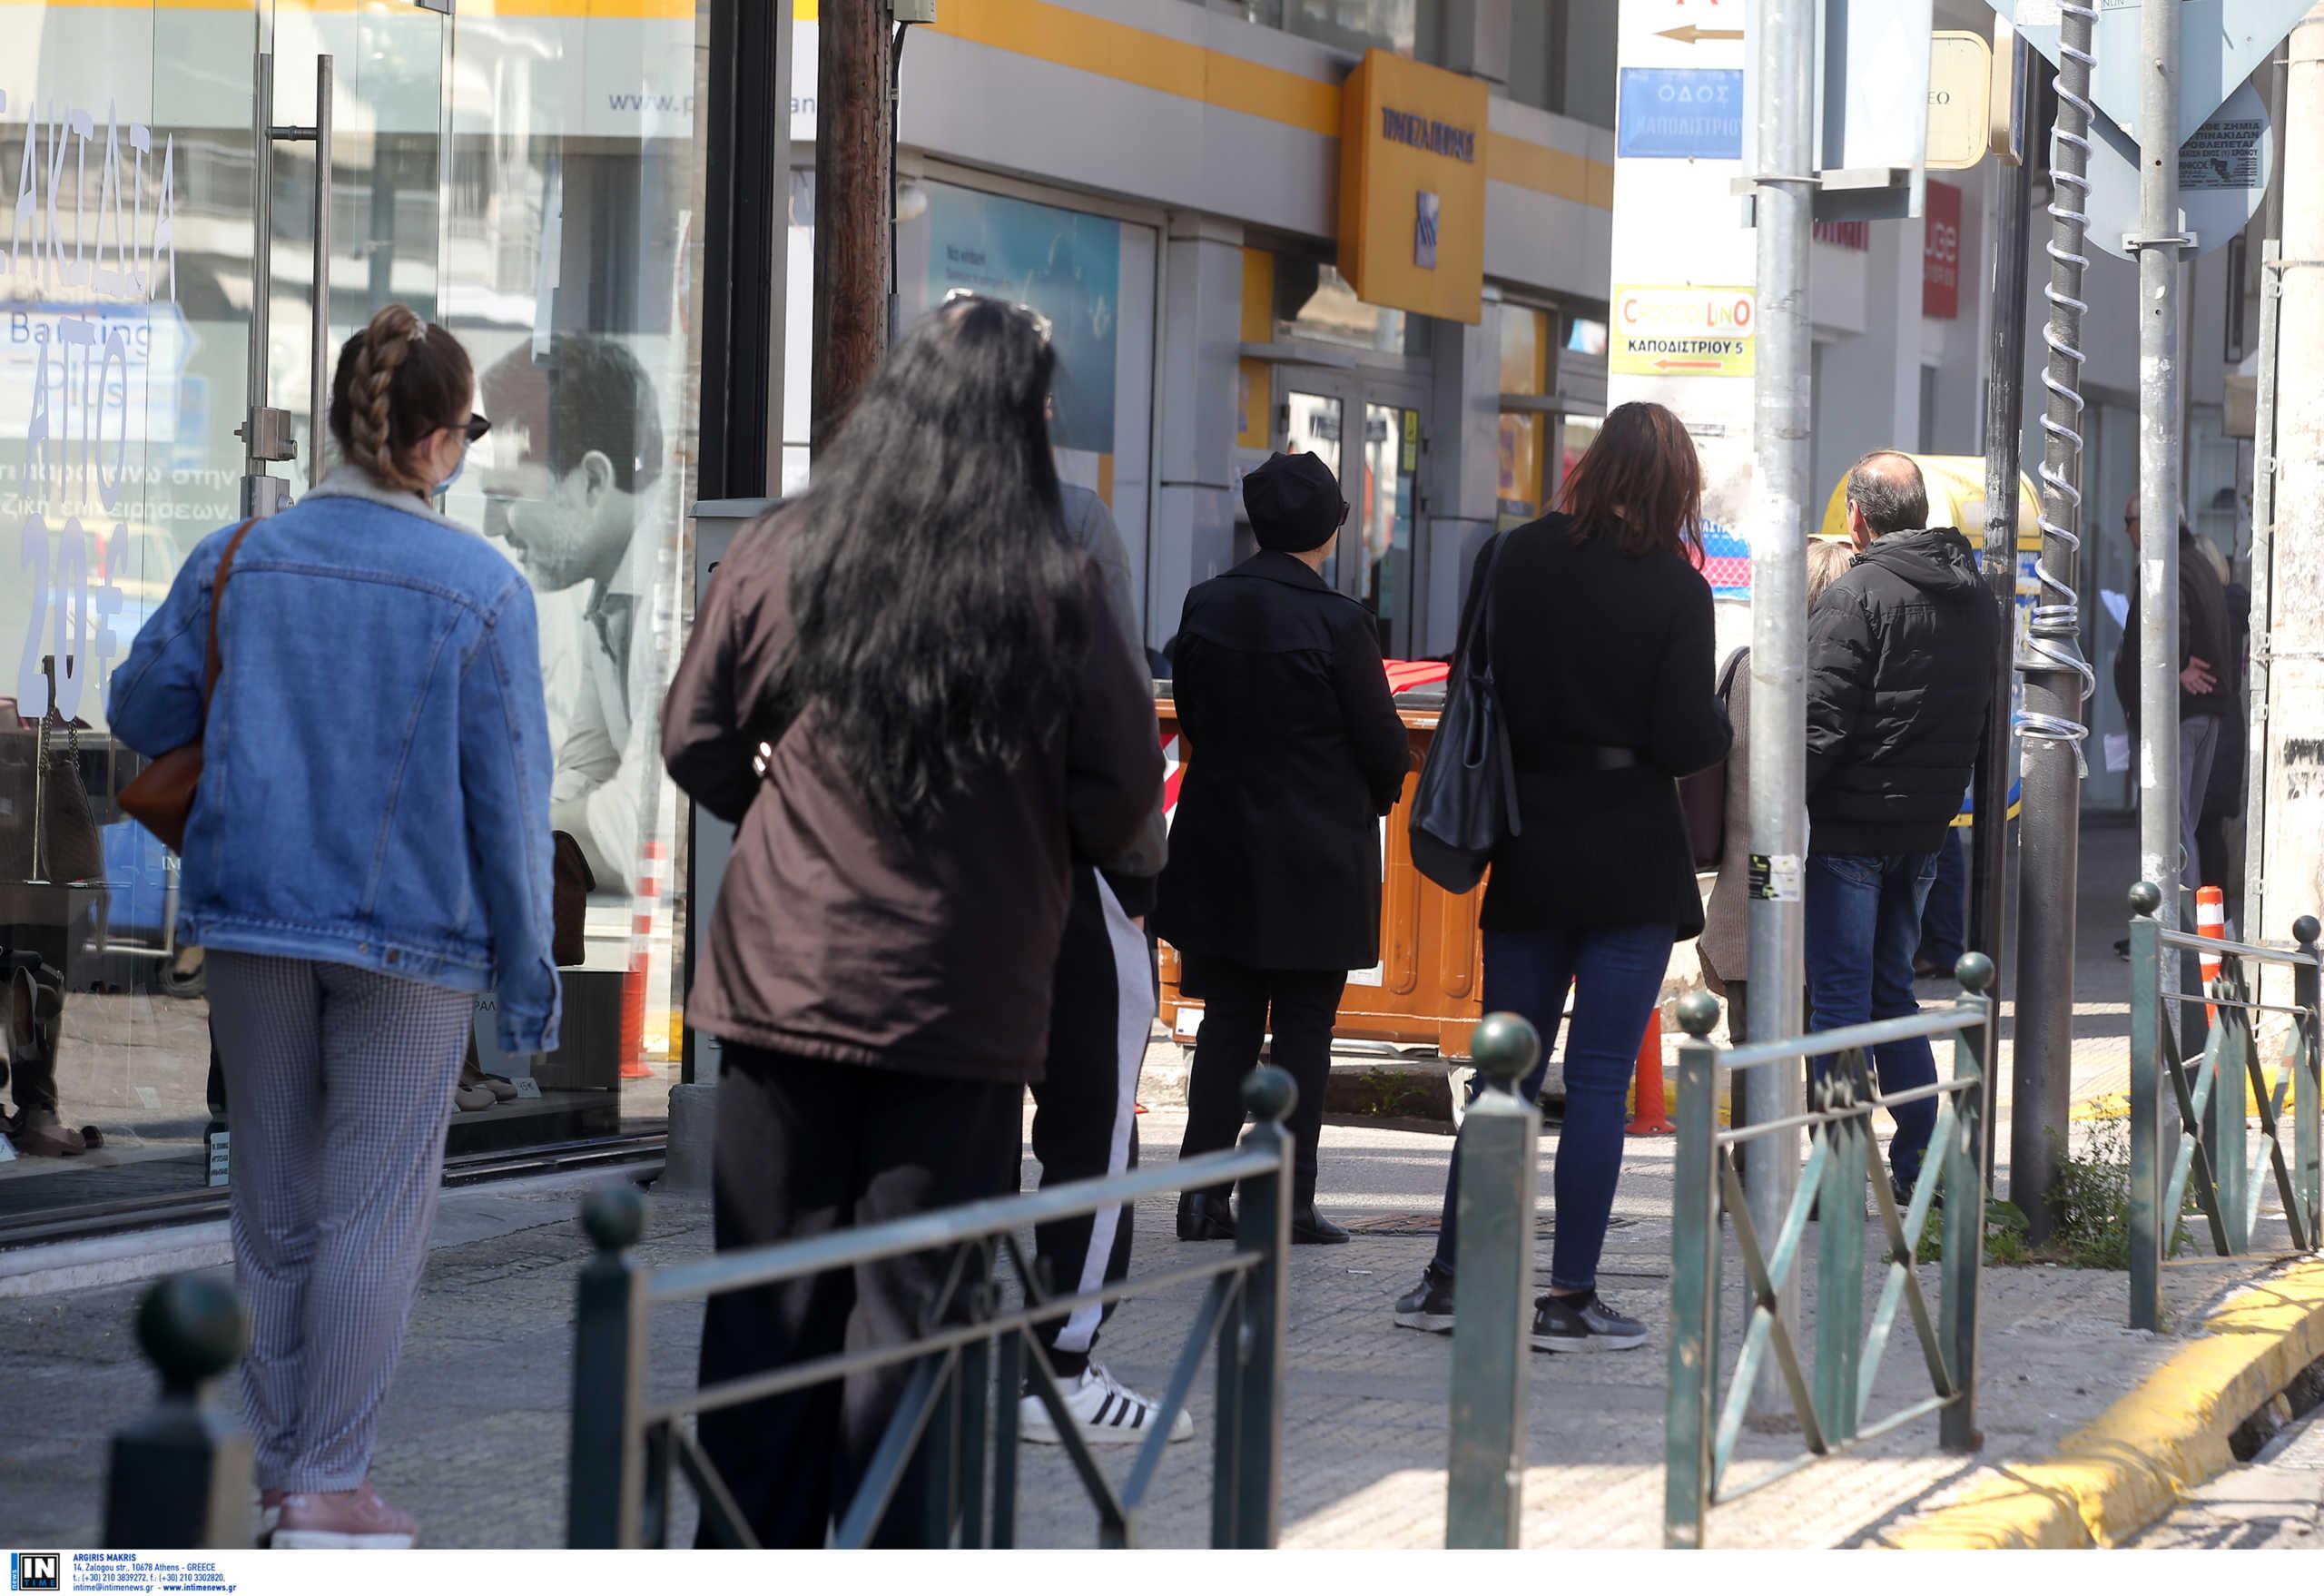 """Κρήτη: Στην ουρά της τράπεζας με σπασμένα νεύρα! """"Περιμένω 40 λεπτά για να πληρώσω τον ΕΝΦΙΑ"""" (Βίντεο)"""